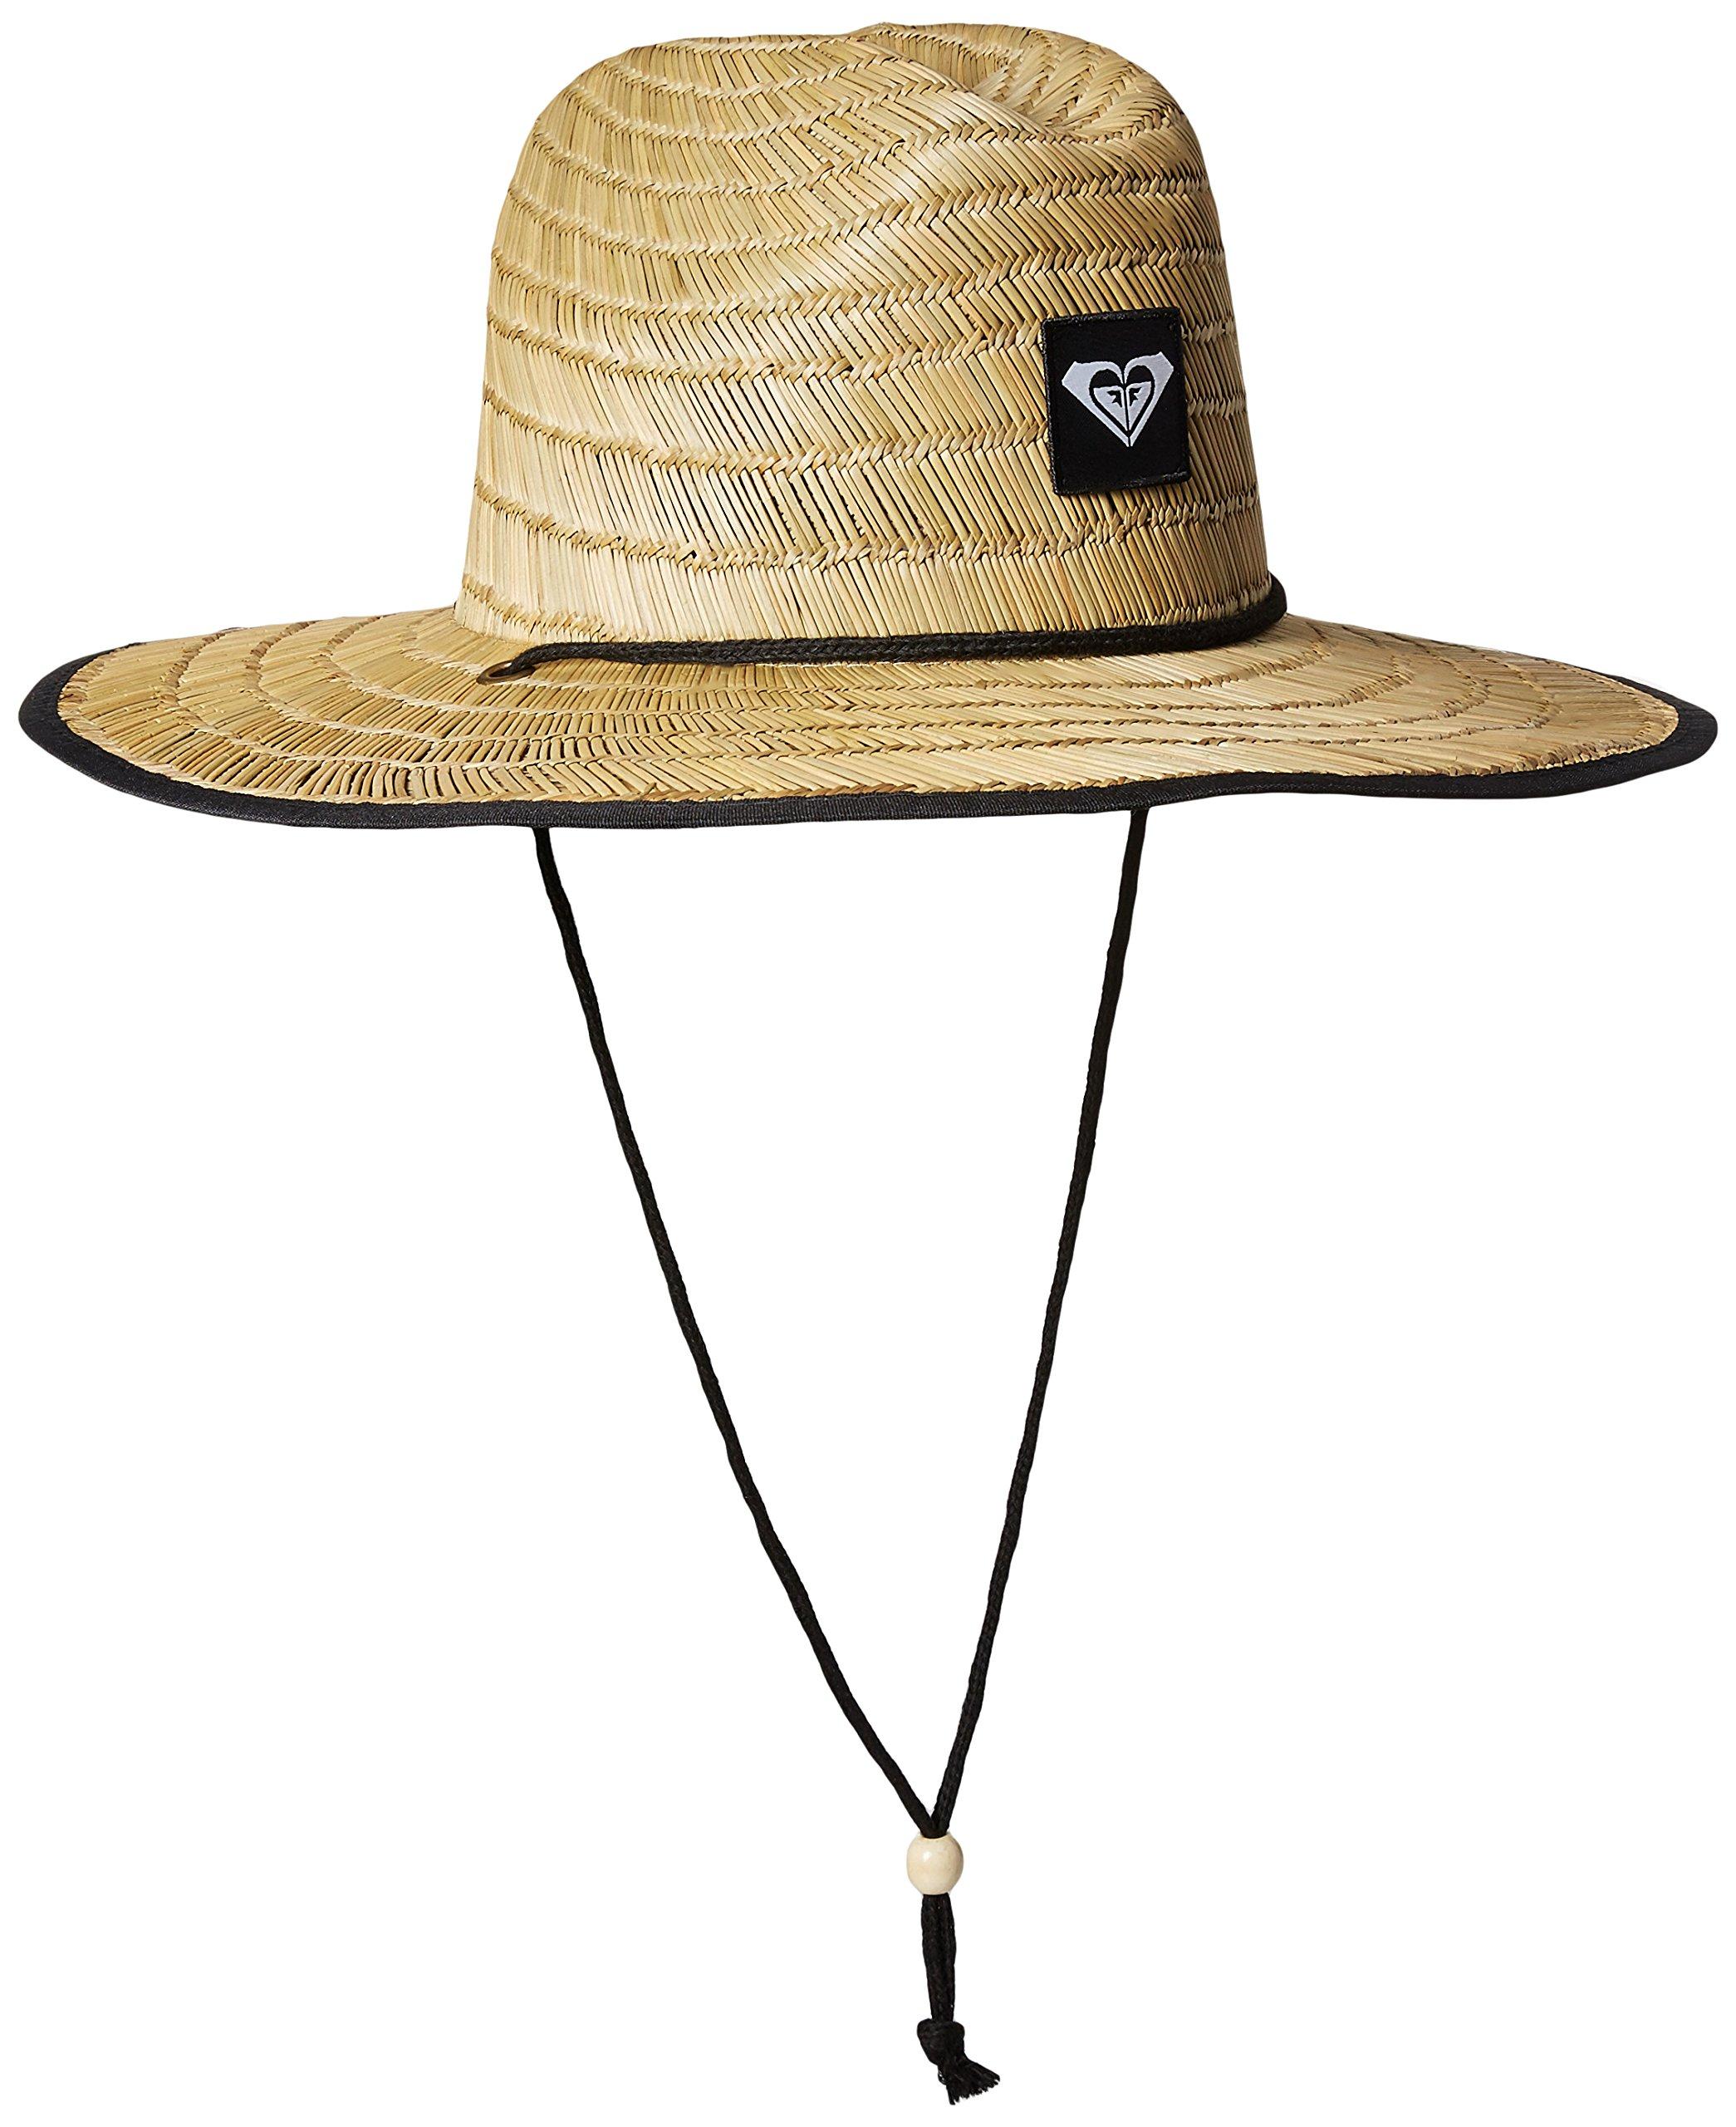 Roxy Women's Tomboy 2 Straw Sun Protection Hat, True Black, S/M by Roxy